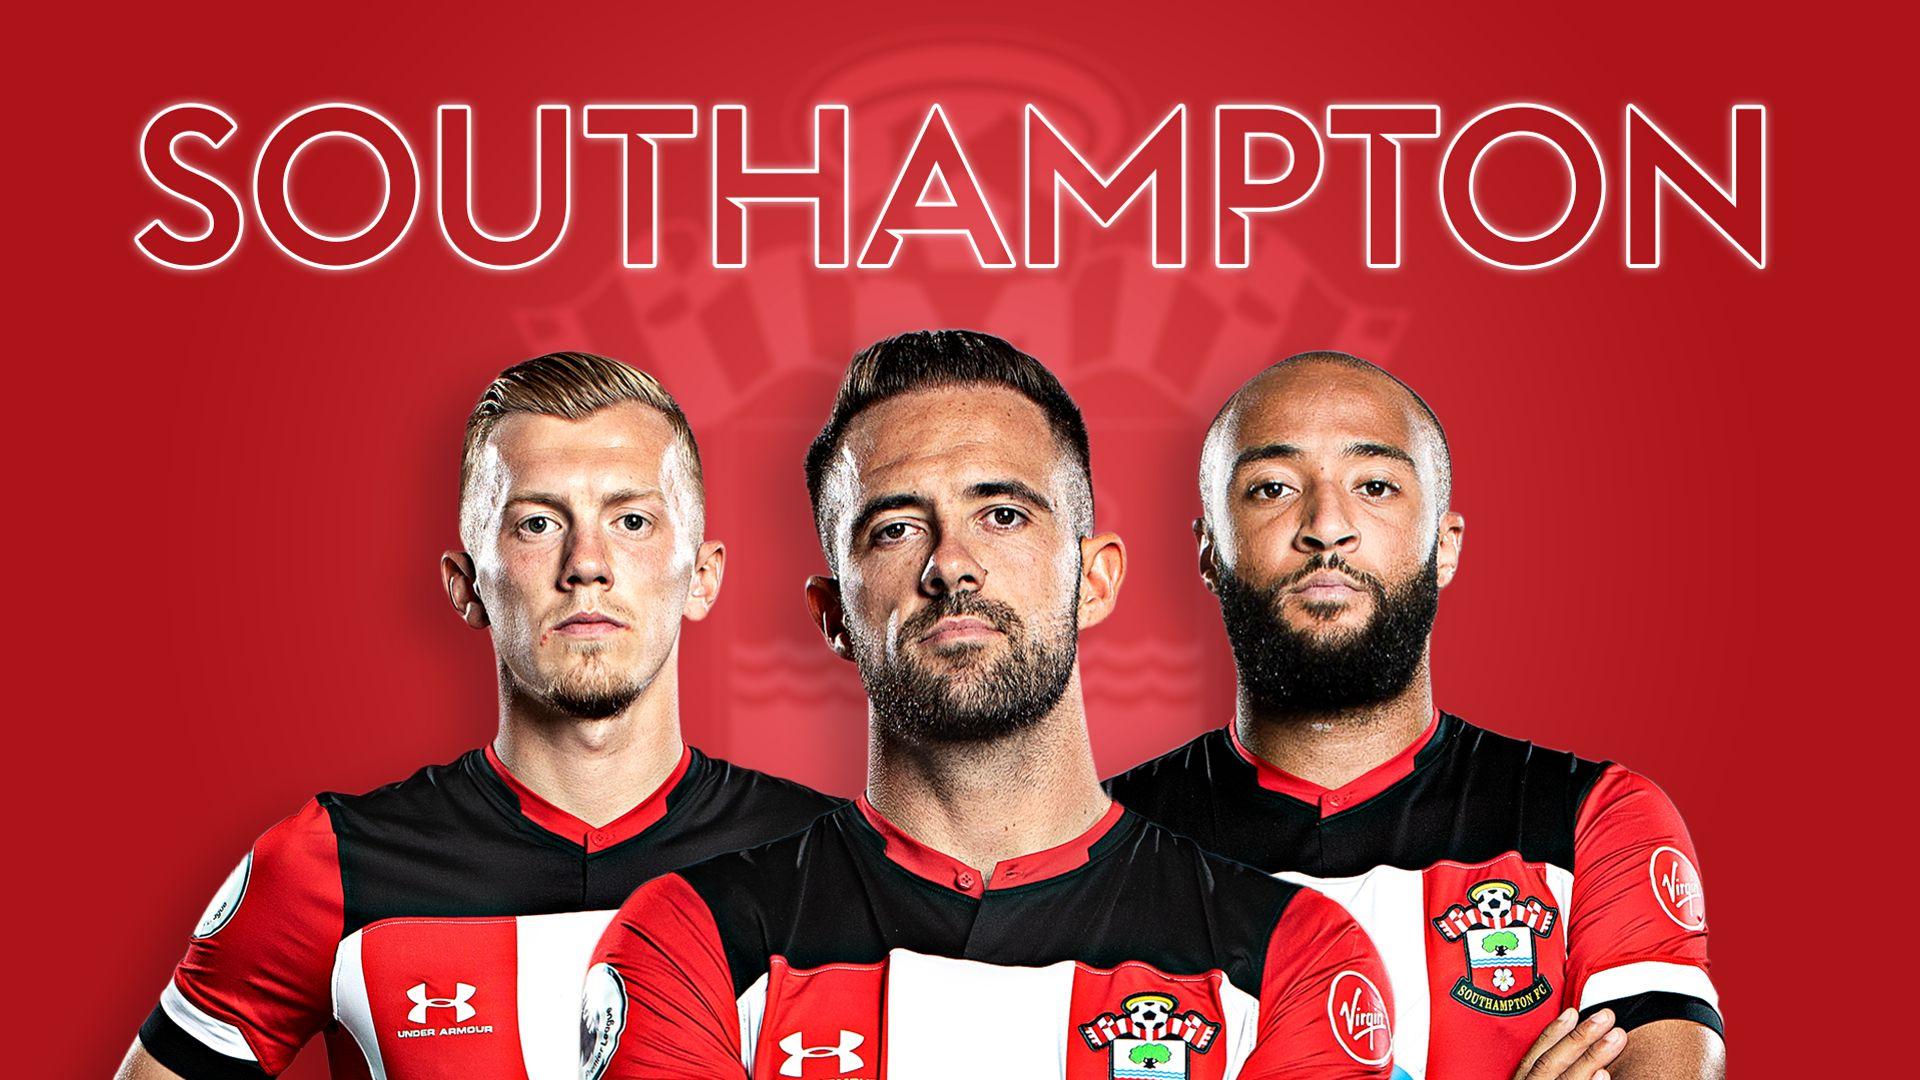 Southampton 2020/21: Next level Saints?